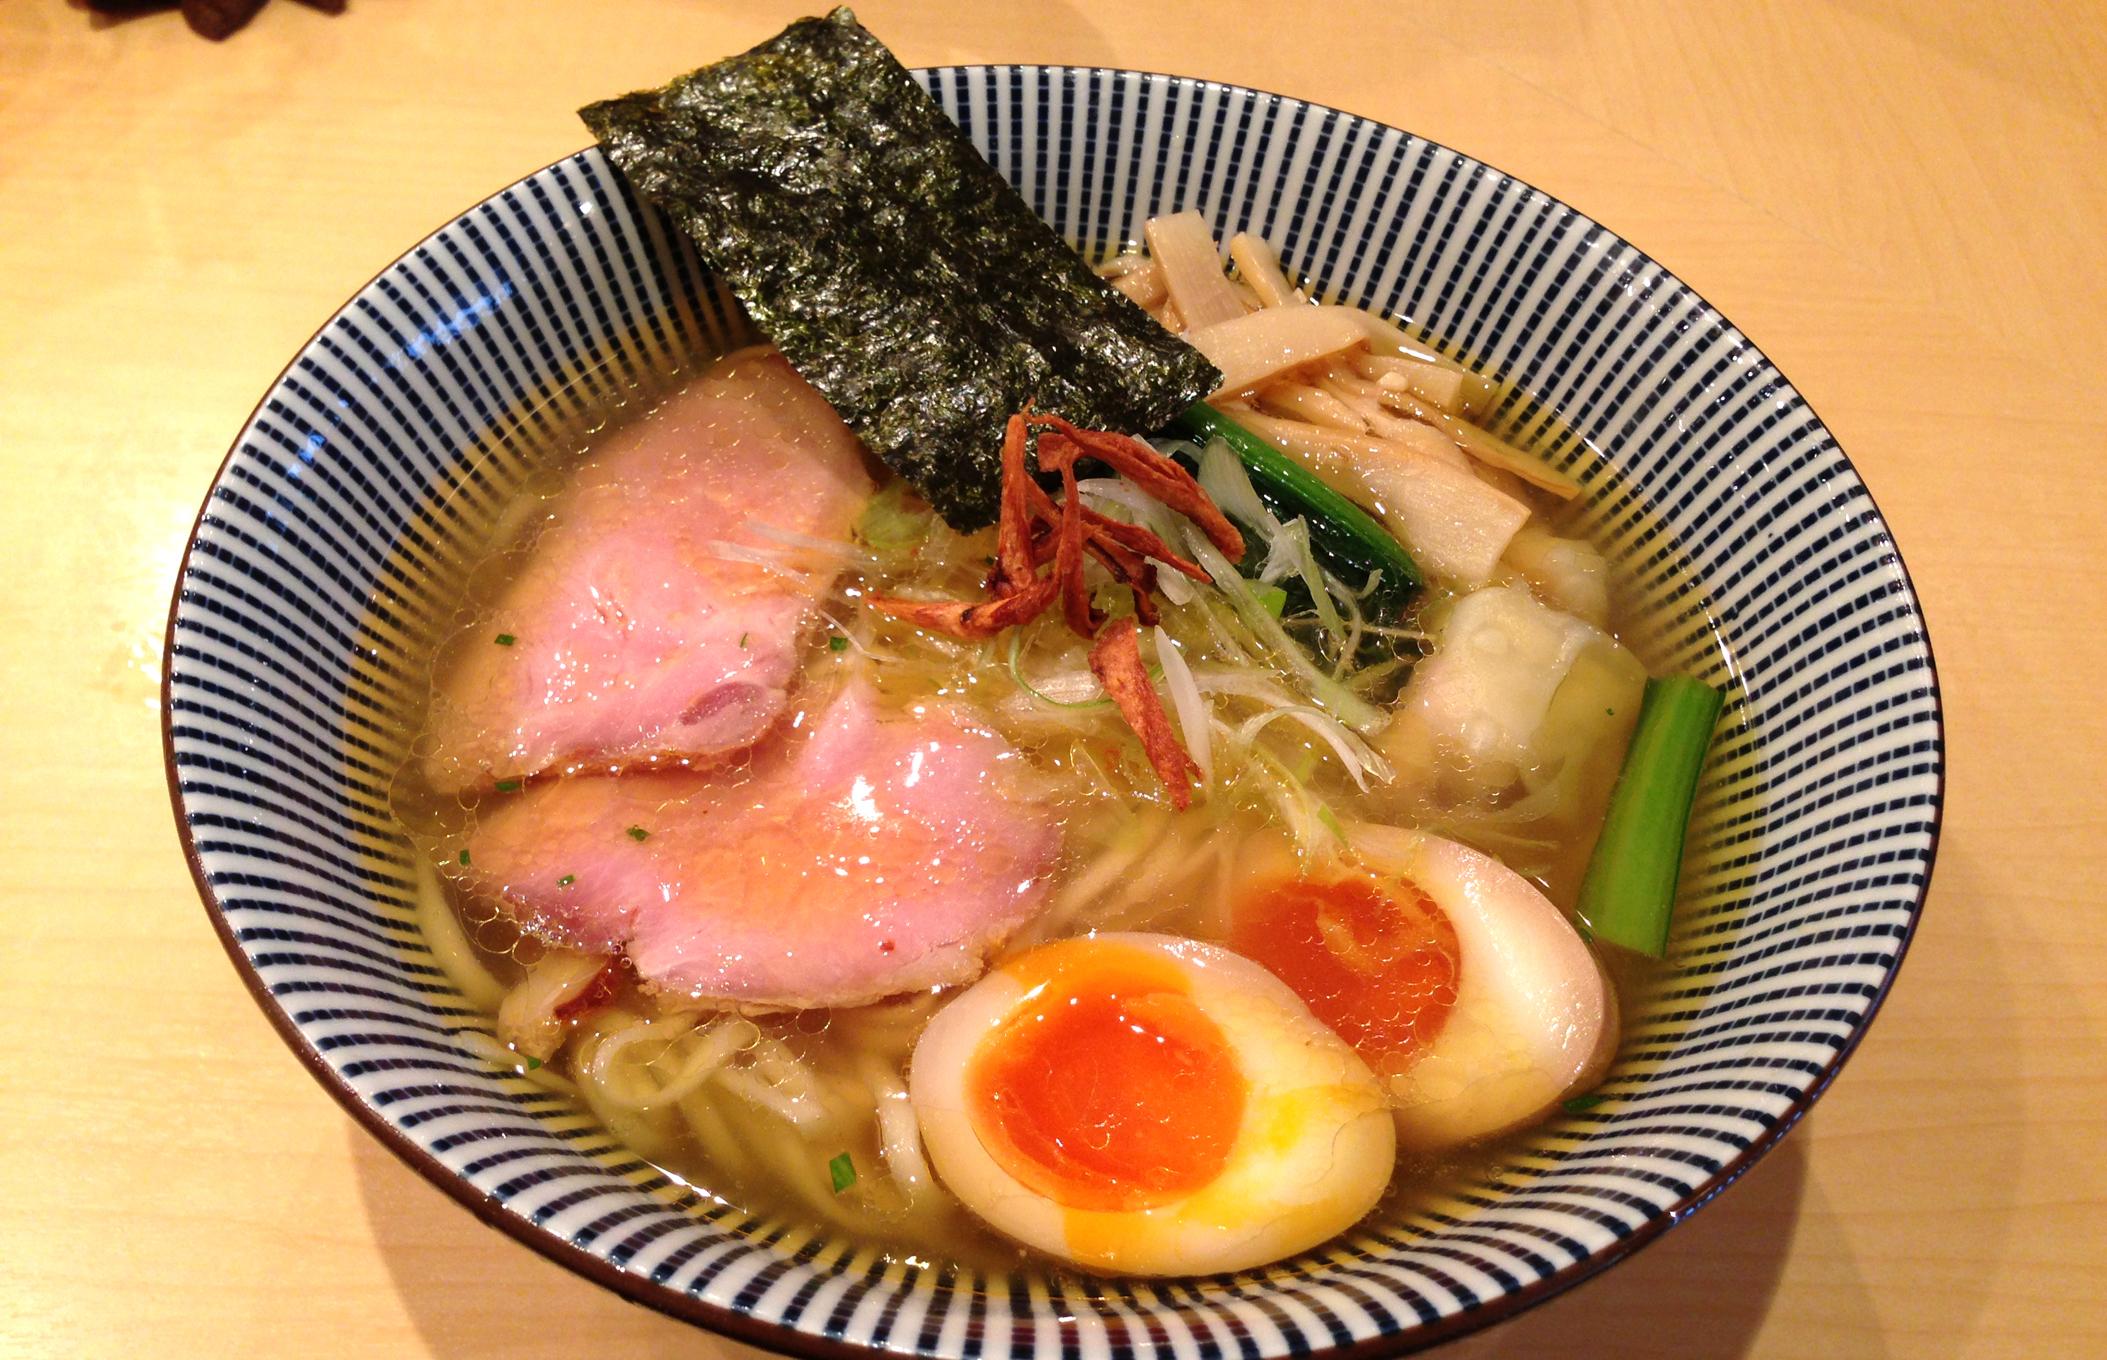 日本料理店出身の店主による至高の一杯